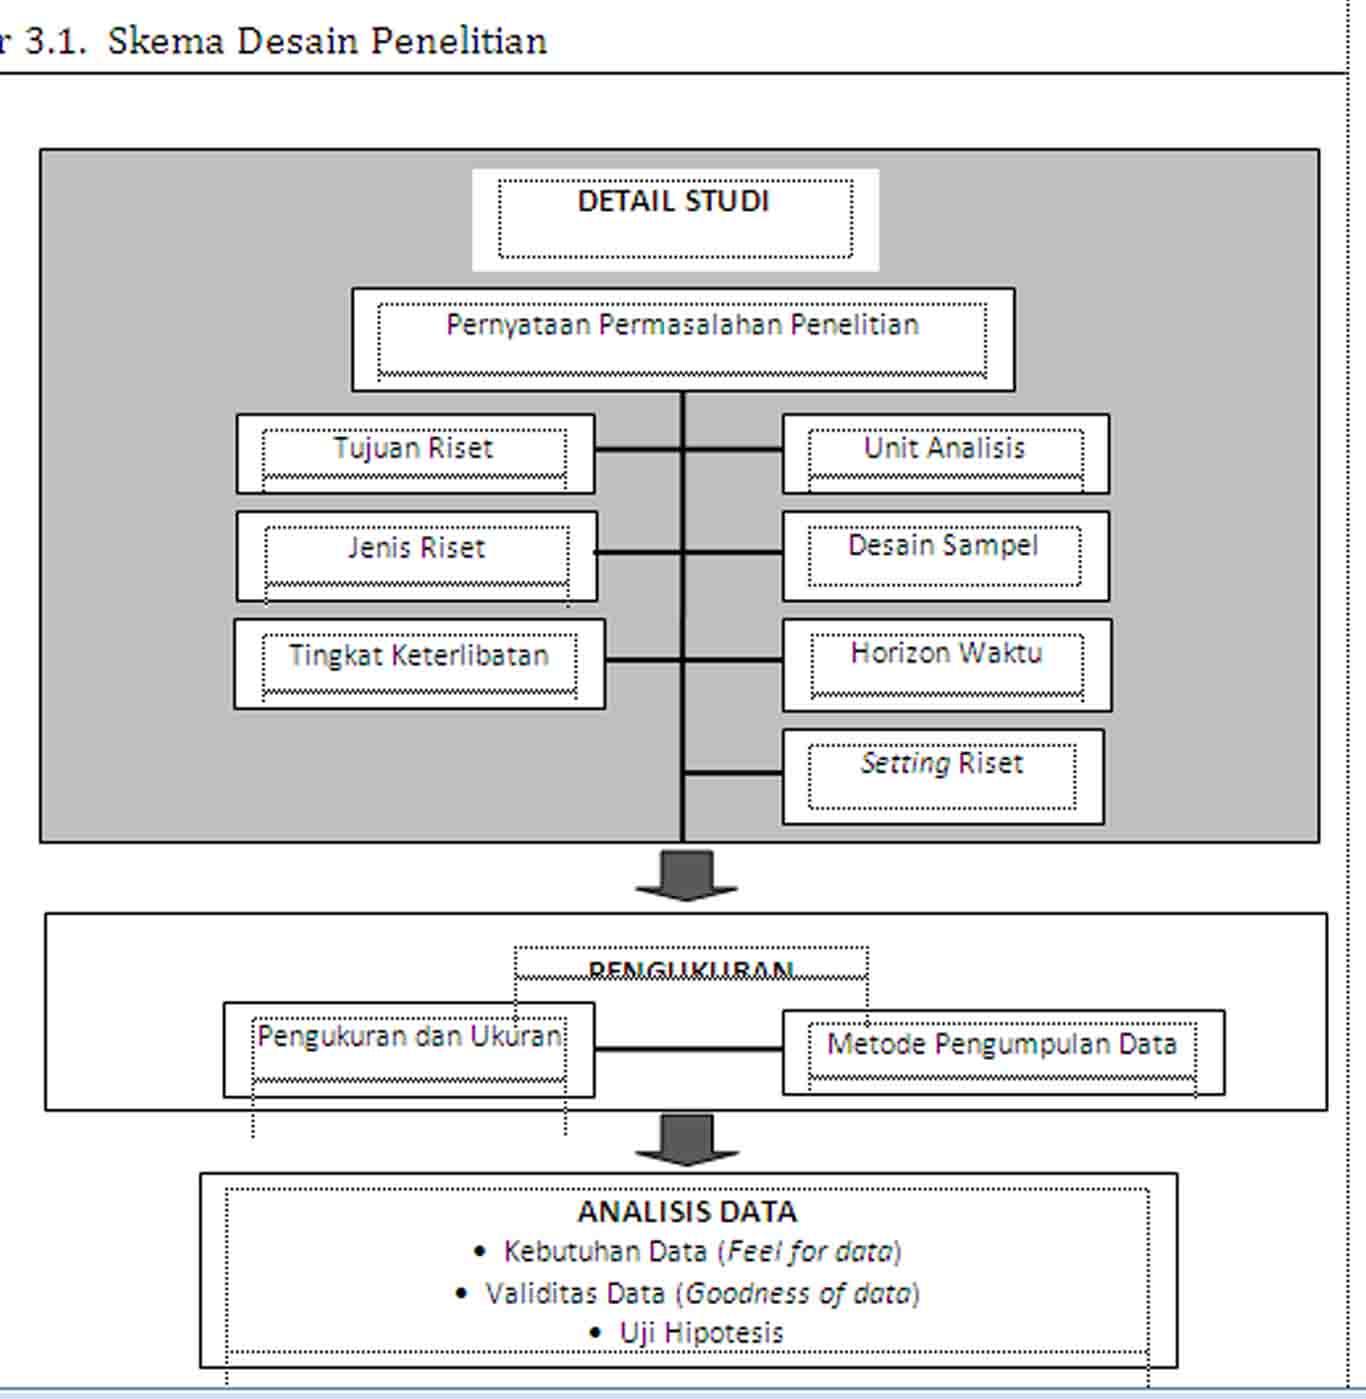 Hyppo Crates for Accounting: DESAIN PENELITIAN : DETAIL STUDI